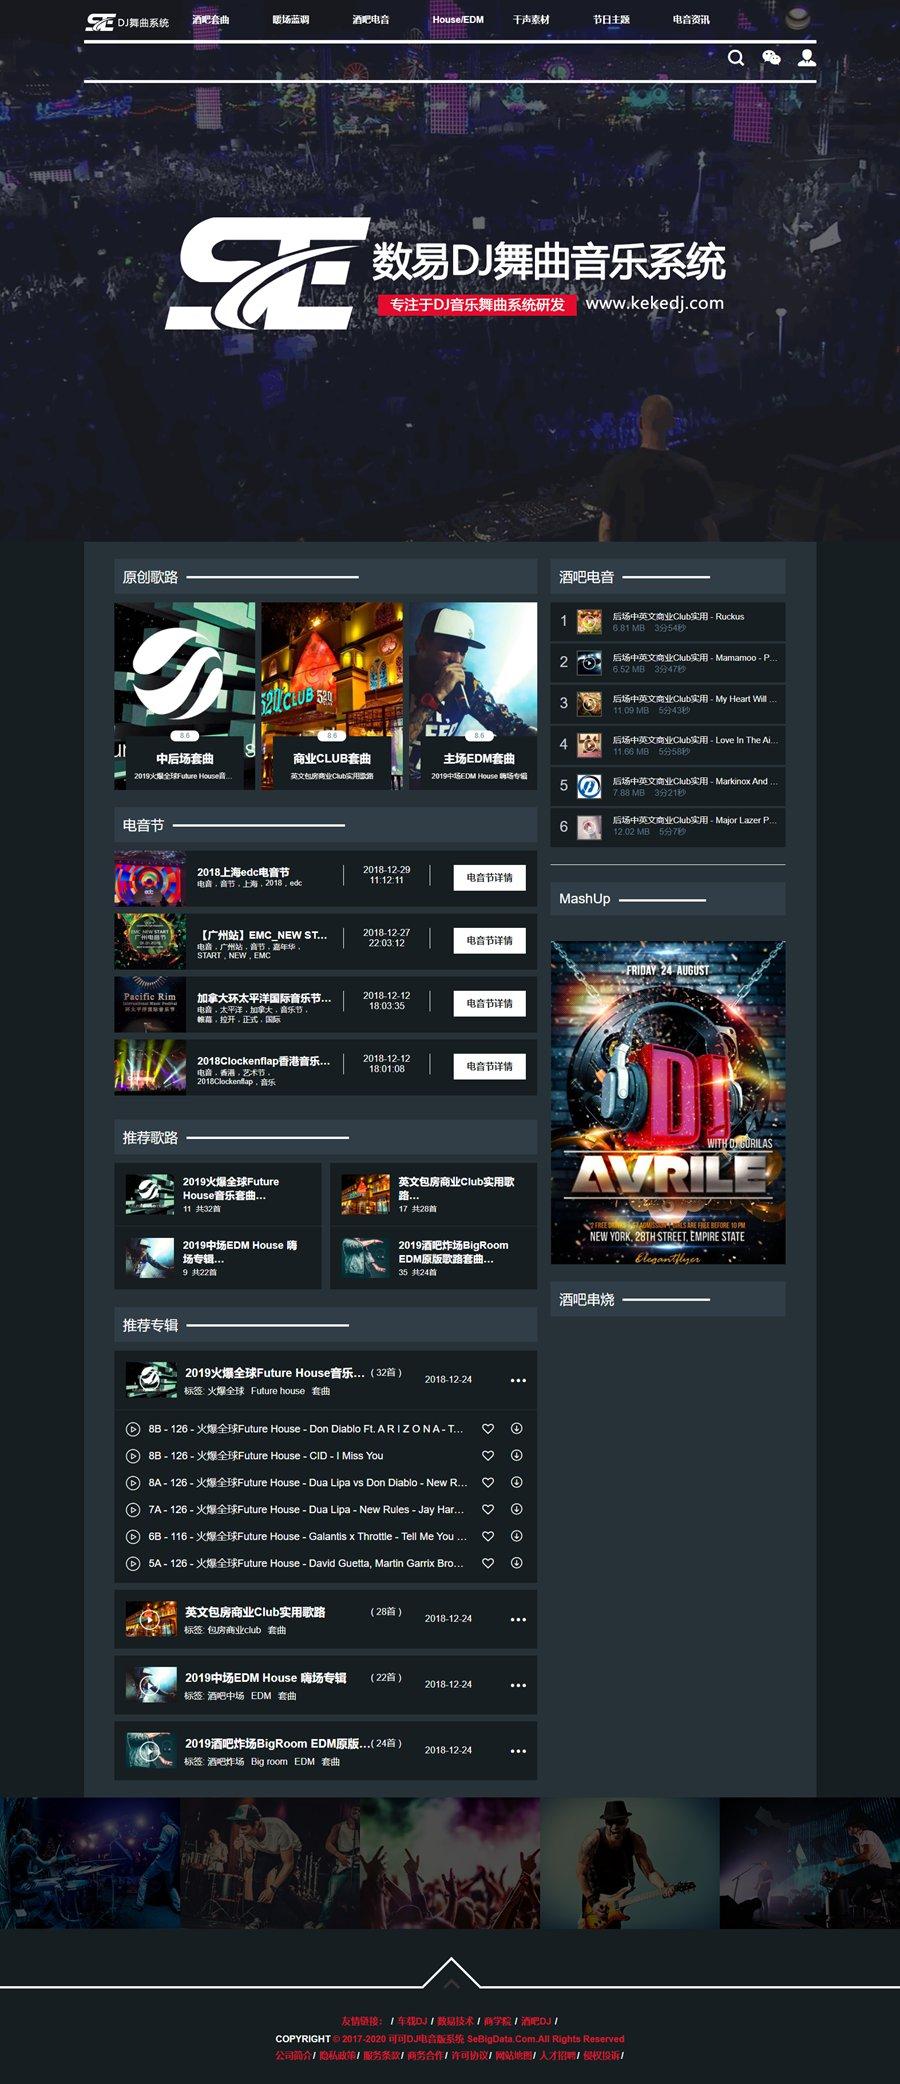 【DJ音乐网站源码】音乐网站数易DJ舞曲网站源码数易DJ舞曲音乐管理系统